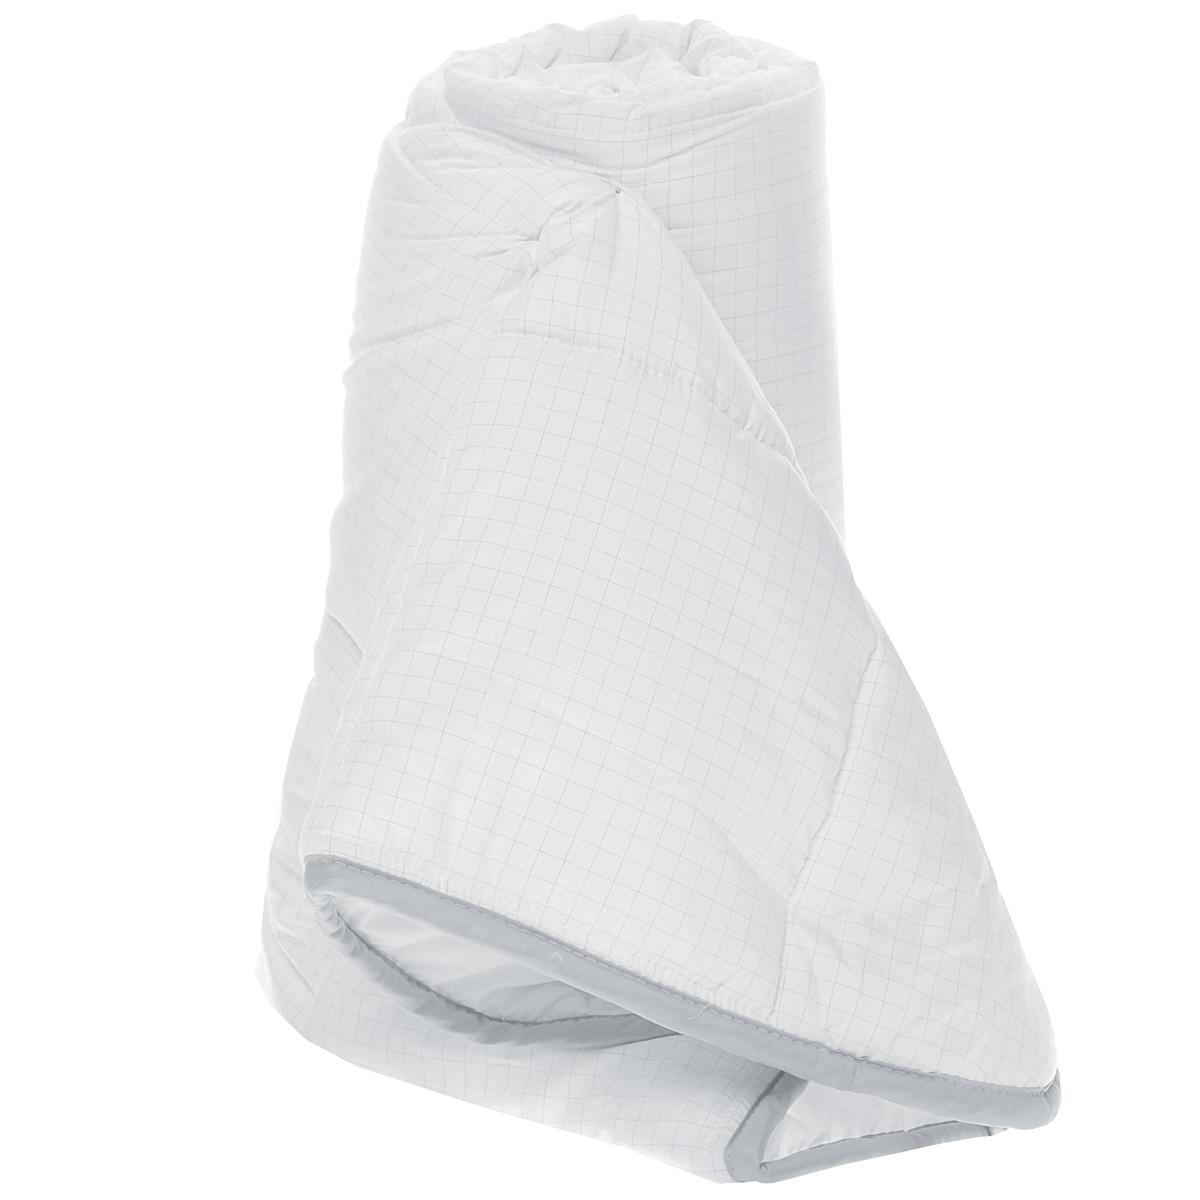 Одеяло Comfort Line Антистресс, классическое, наполнитель: полиэстер, 200 х 220 см174357;174357Классическое одеяло Comfort Line Антистресс выполнено по инновационной технологии сприменением карбоновой нити, которая способна снимать и отводить статическое напряжение.При уменьшении статического электричества качество сна увеличивается, вы почувствуете себяболее отдохнувшим и снявшим стресс. Идеально подойдет людям, которые много временипроводят на работе, подвержены стрессу и заботятся о своем здоровье. Изделие также отличноотводит и испаряет влагу. Одеяло упаковано в пластиковую сумку-чехол, закрывающуюся на застежку-молнию.Рекомендации по уходу:- Можно стирать в стиральной машине при температуре не выше 30°С.- Не отбеливать.- Не гладить.- Возможна сушка в барабане. Сушка при более низкой температуре.- Щадящая сухая чистка с использованием углеводорода, хлорного этилена,монофлотрихлометана.